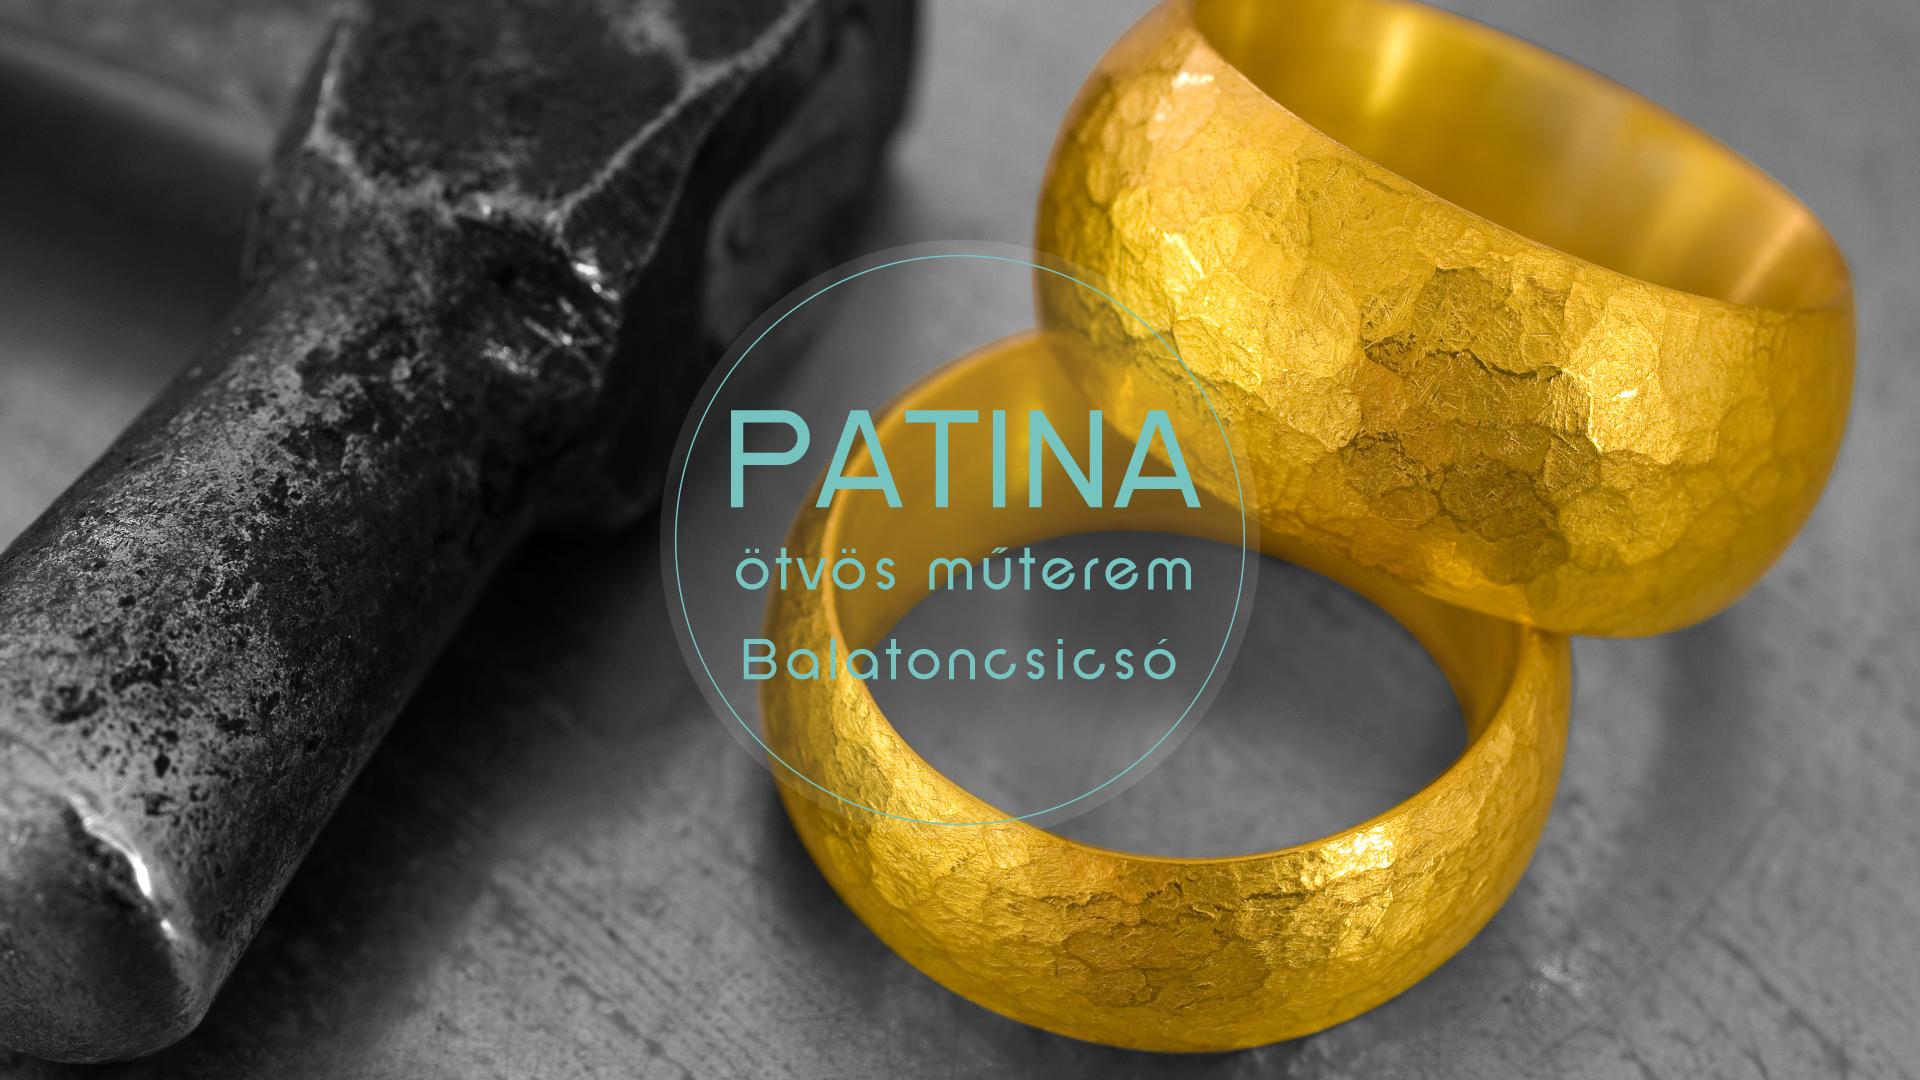 patina_1920x1080_b1